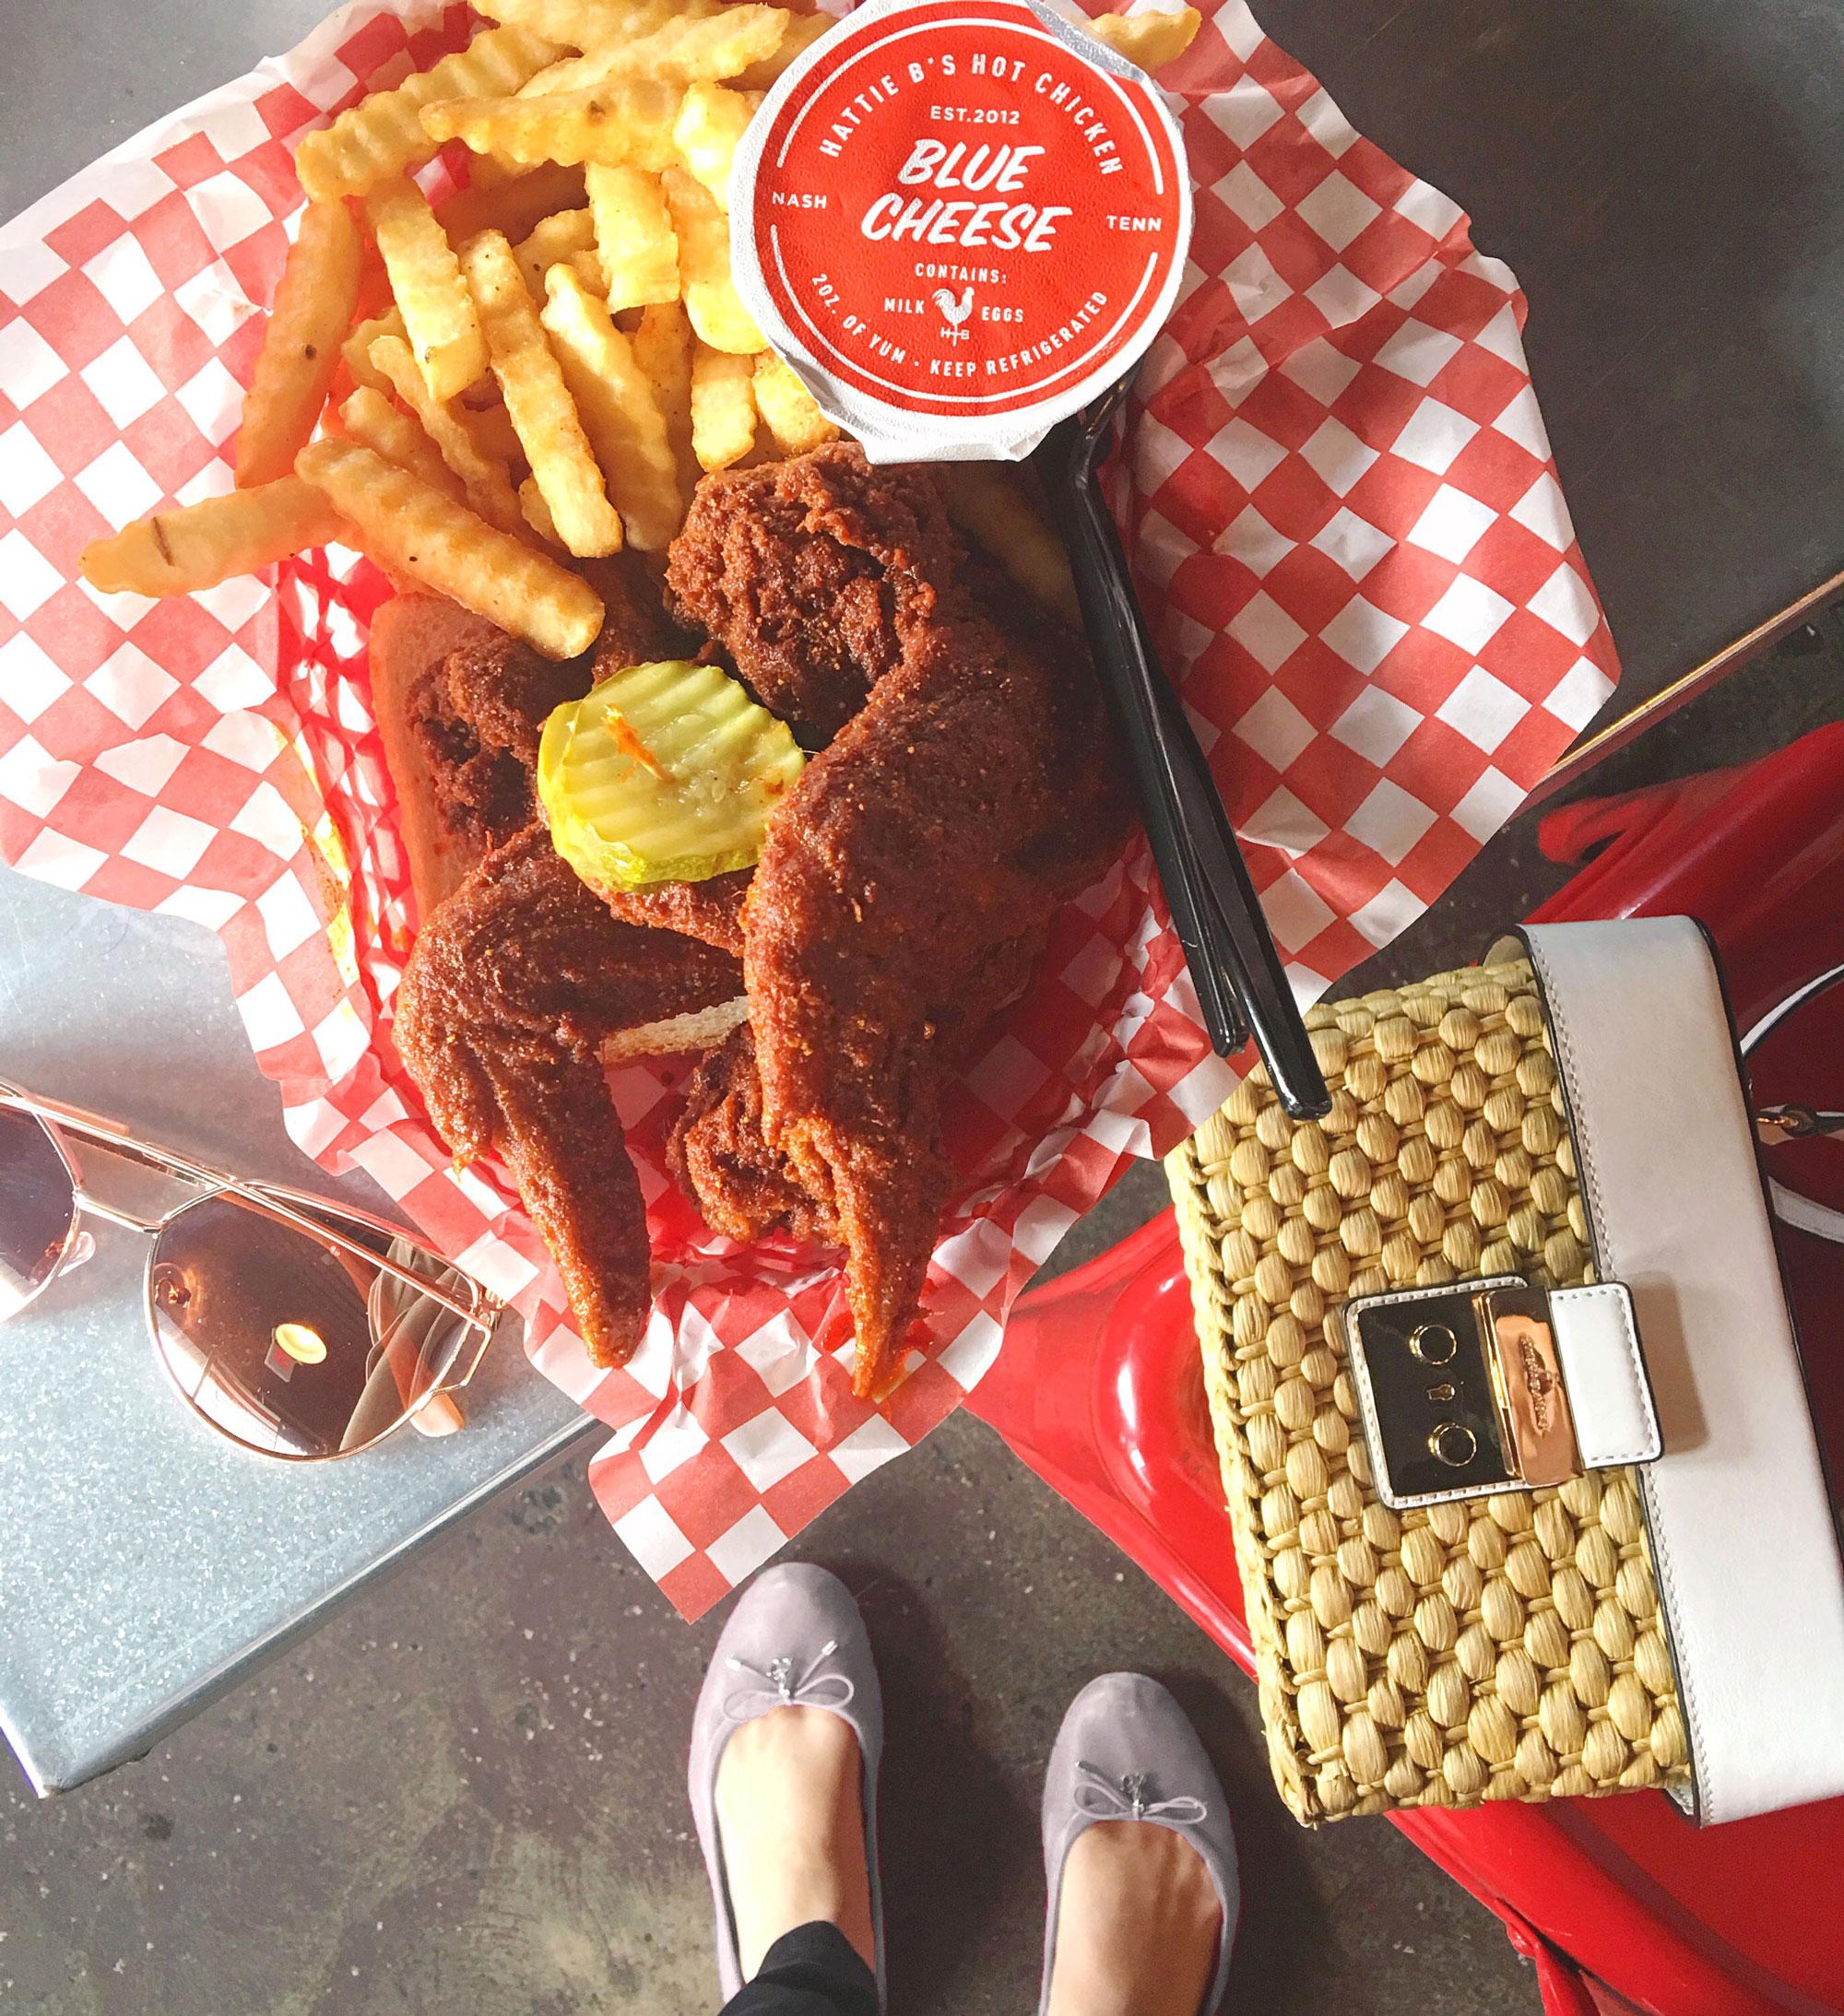 Hattie B's spicy fried chicken in Nashville